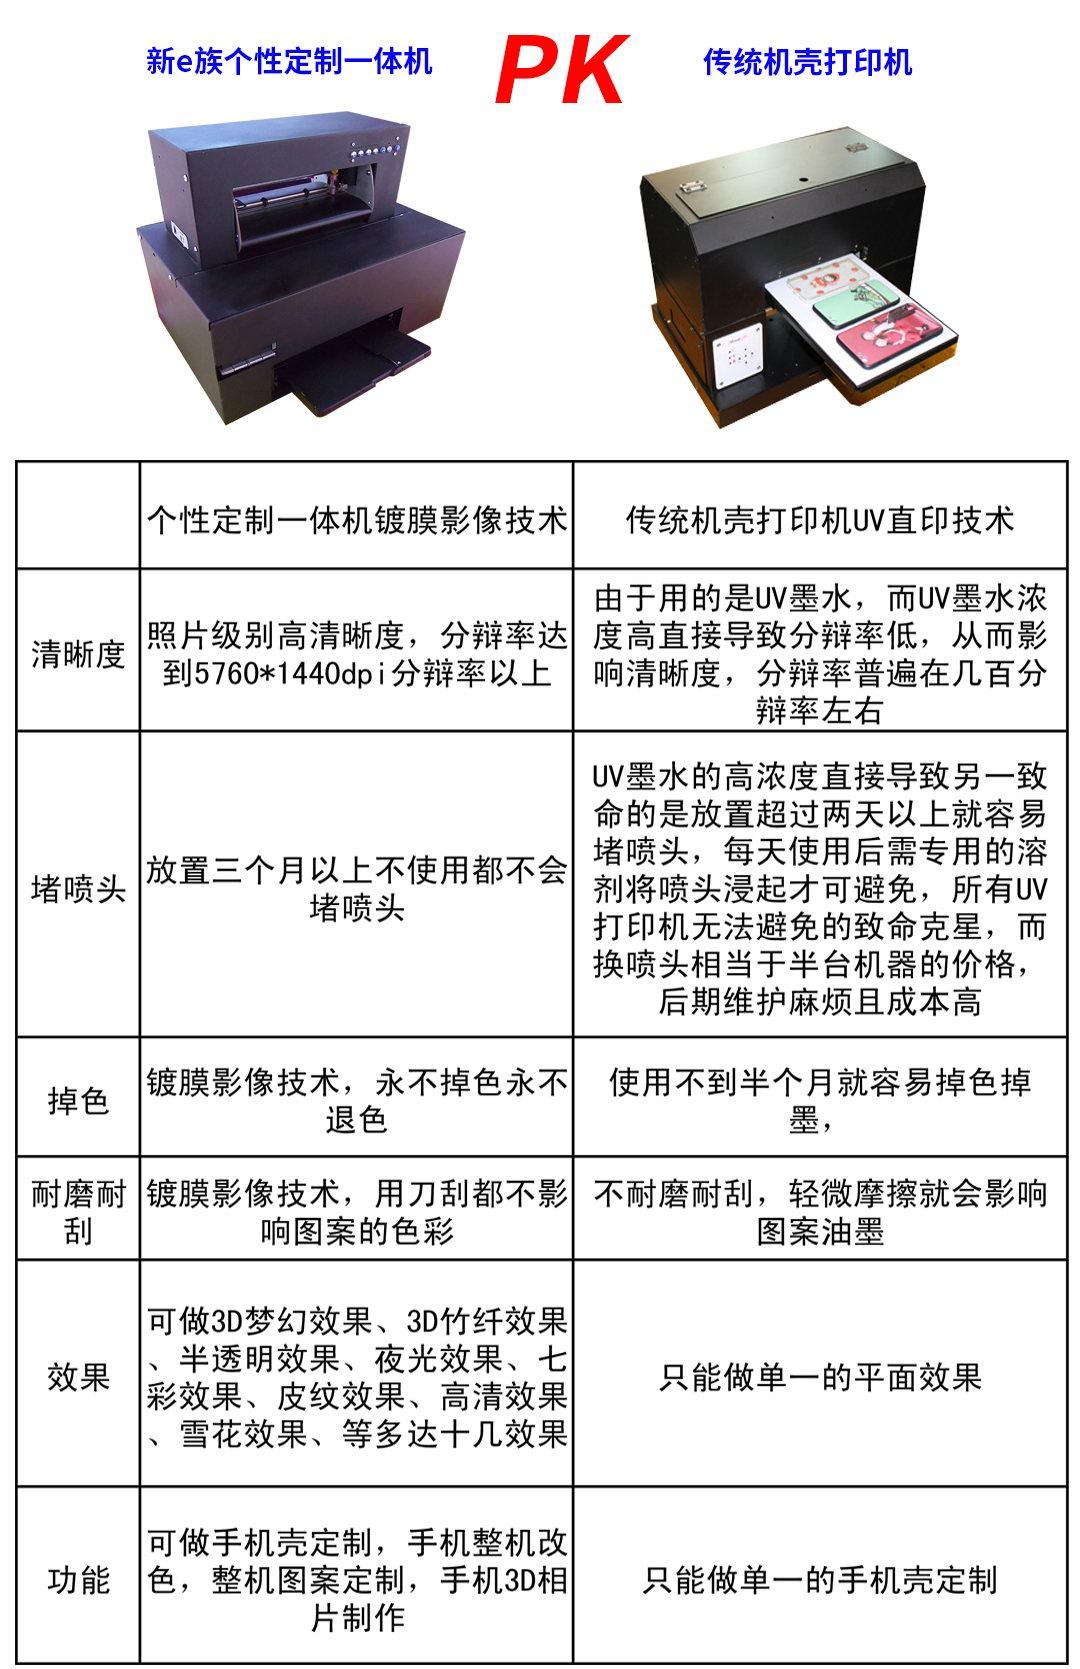 手机壳打印机介绍.jpg